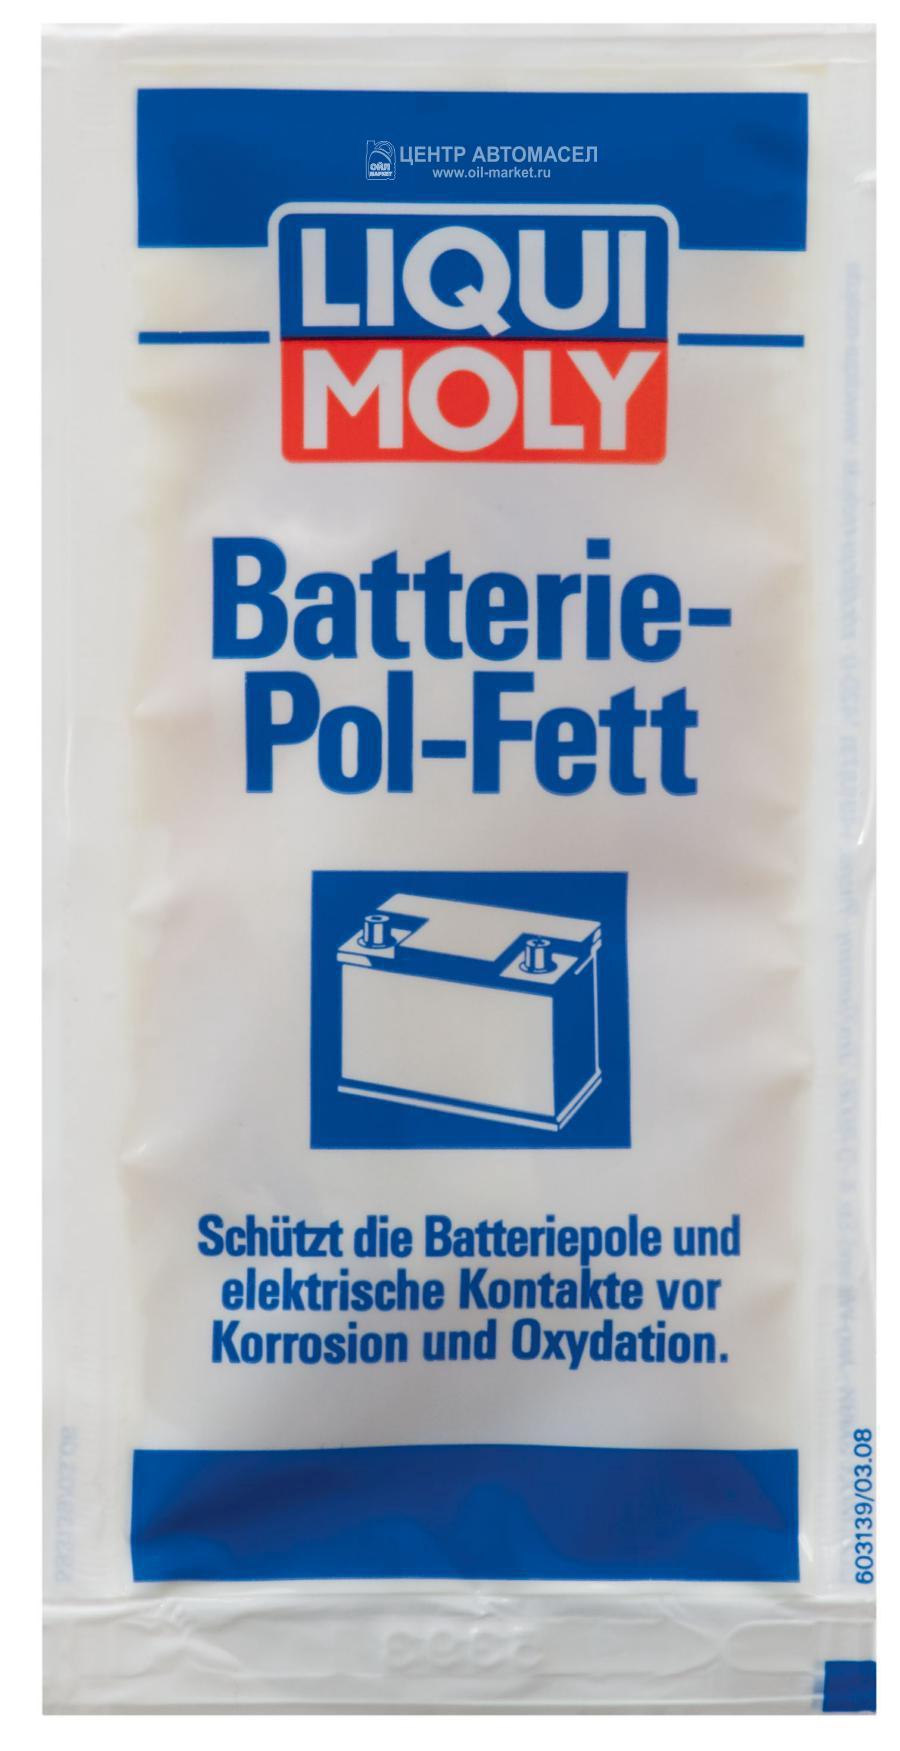 Смазка для электроконтактов Batterie-Pol-Fett 0,01кг